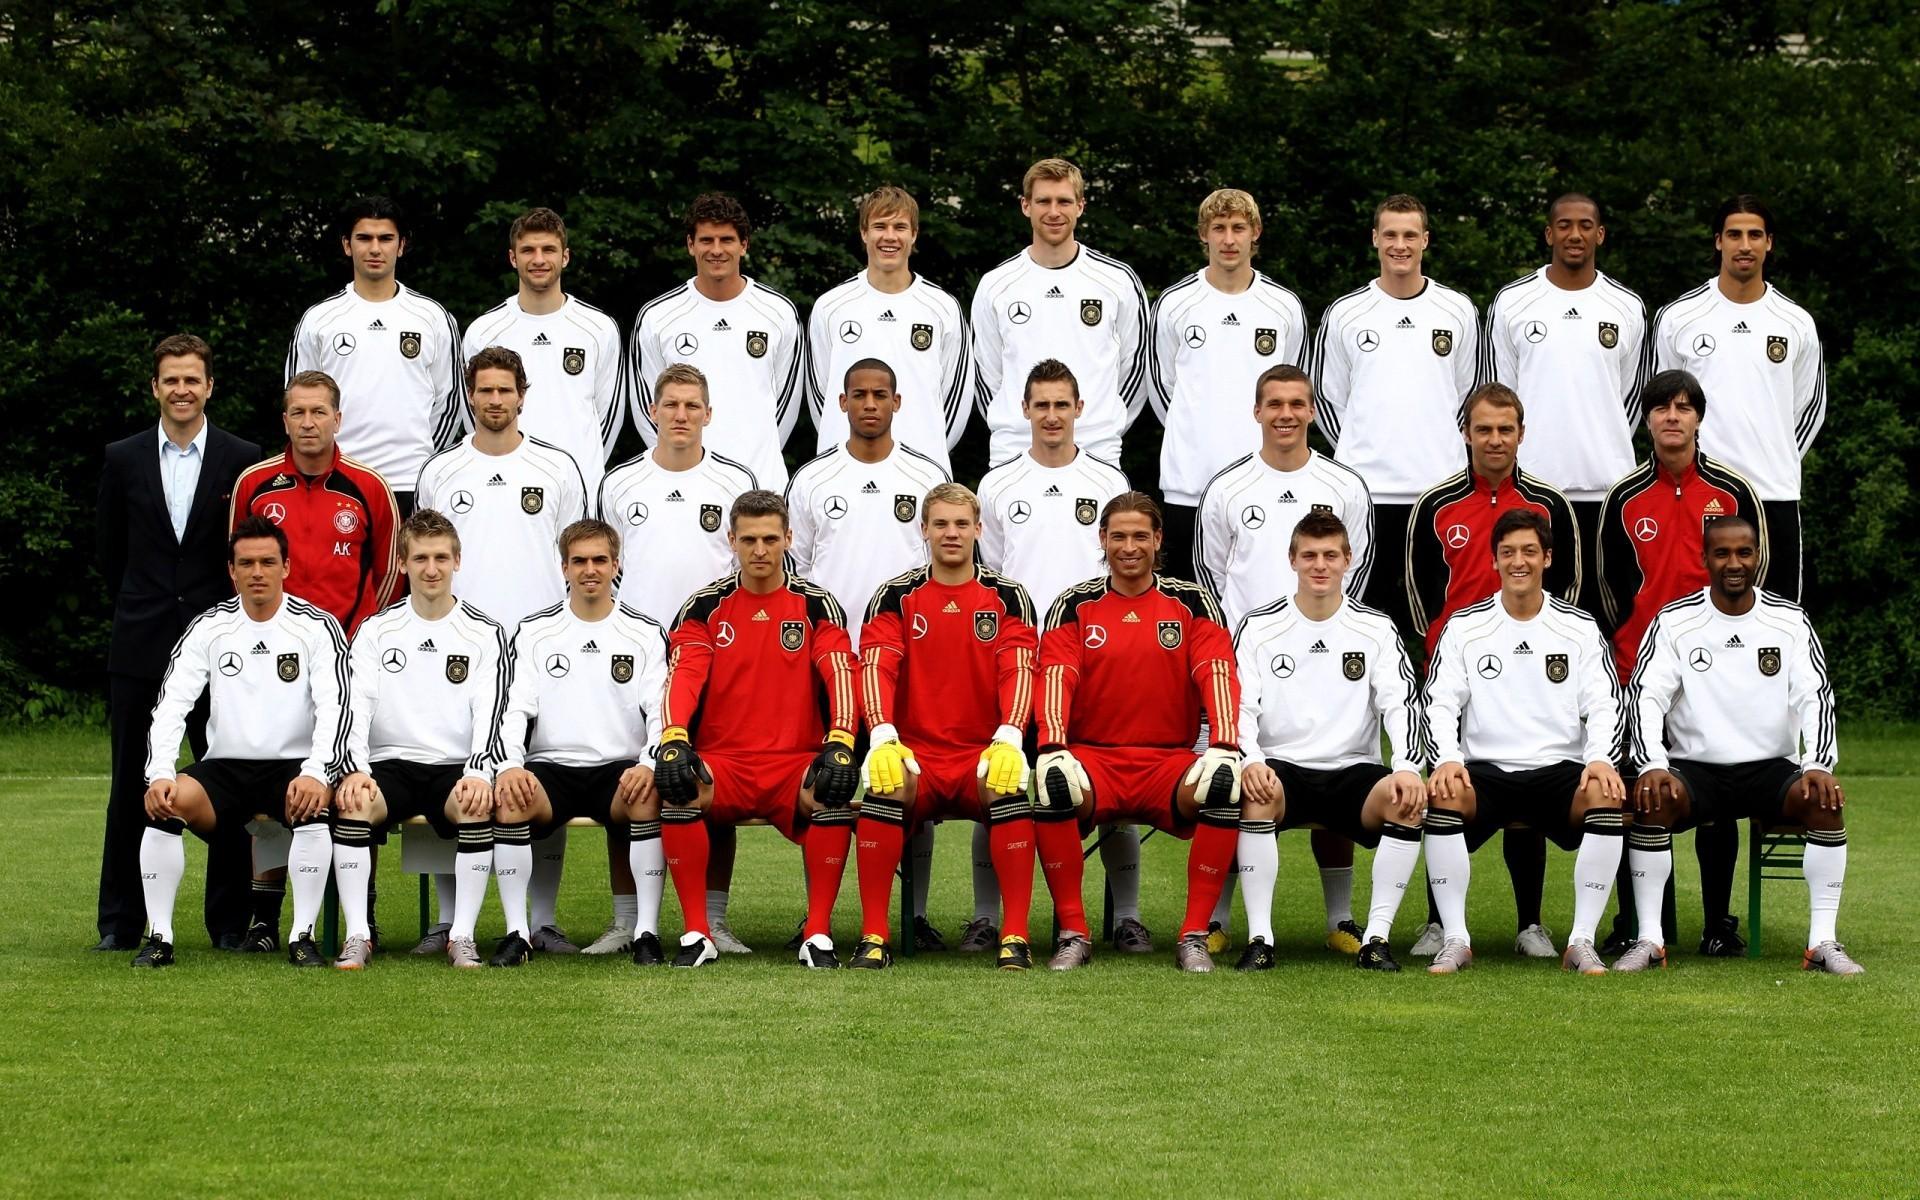 Картинка с надписью персонал-это как футбольная команда